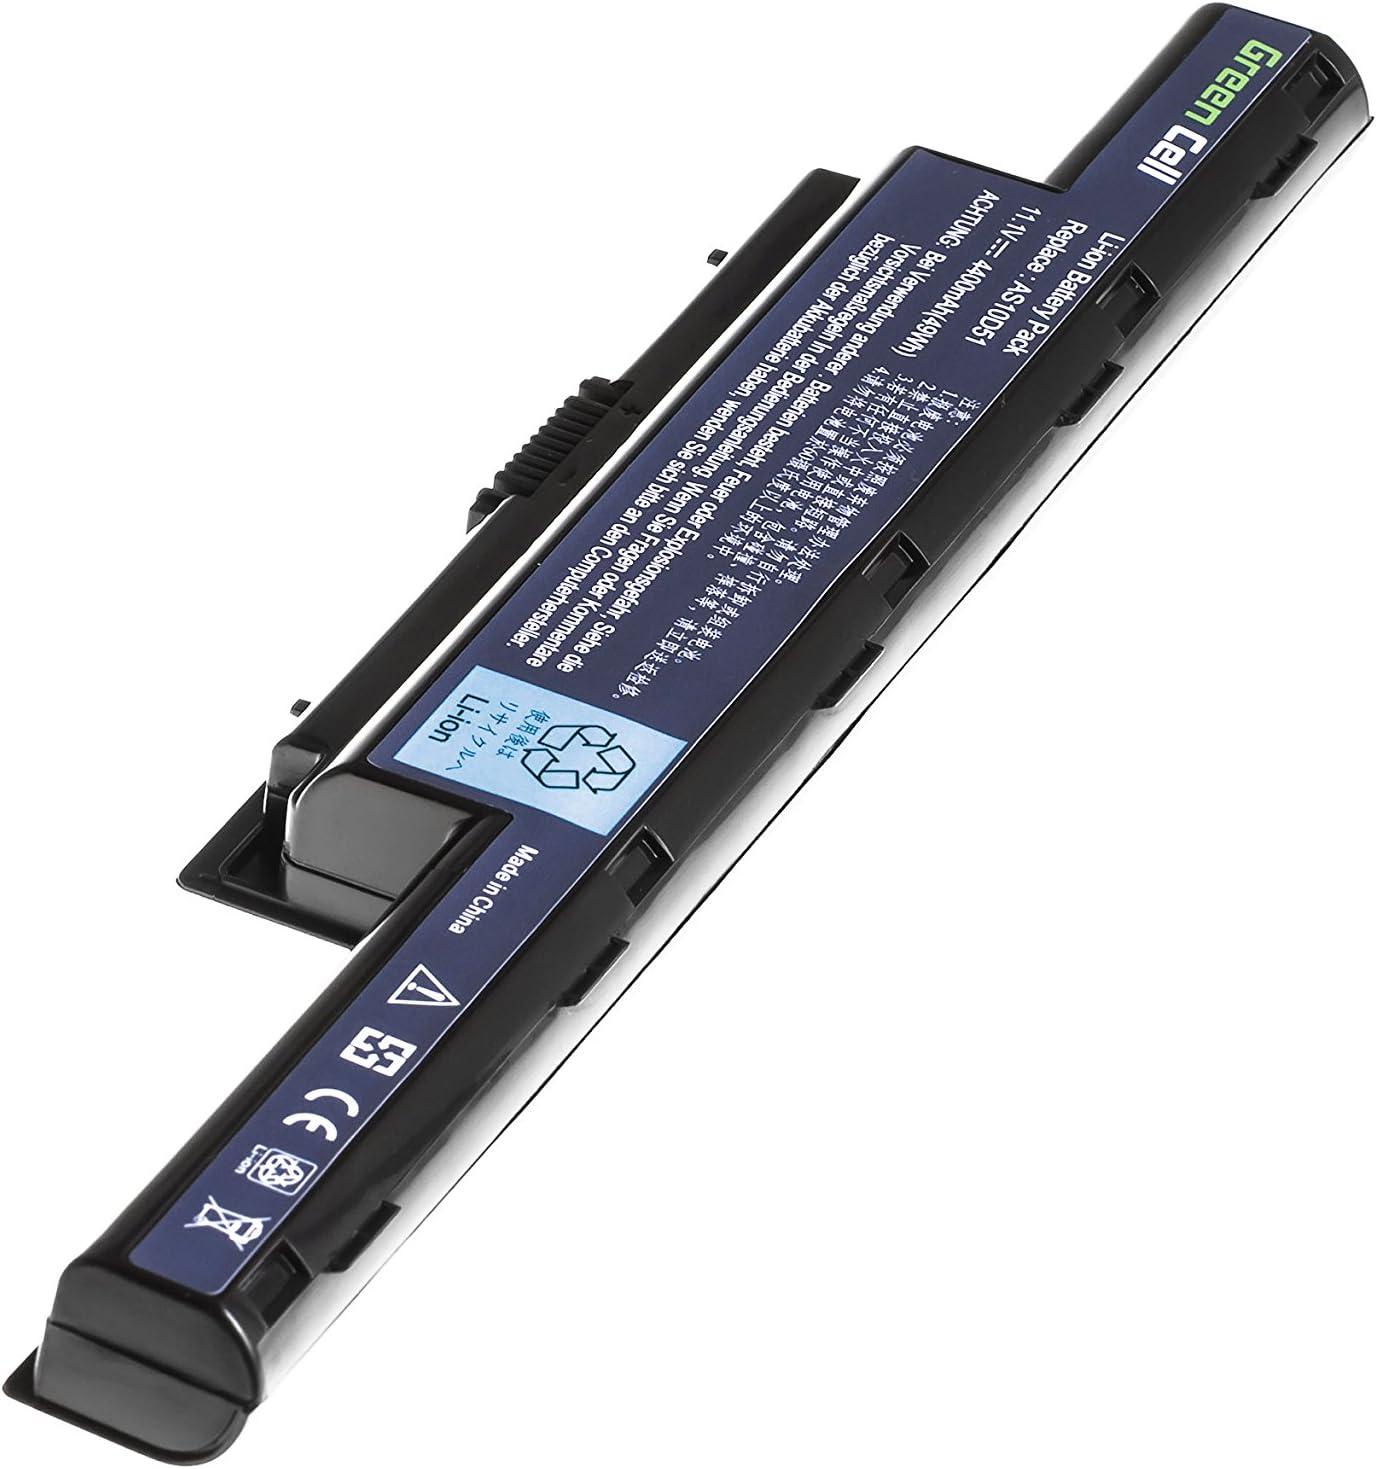 BATTERIA 6600mah per Acer Aspire e1-531-2697 e1-531-4444 e1-531g e1-571